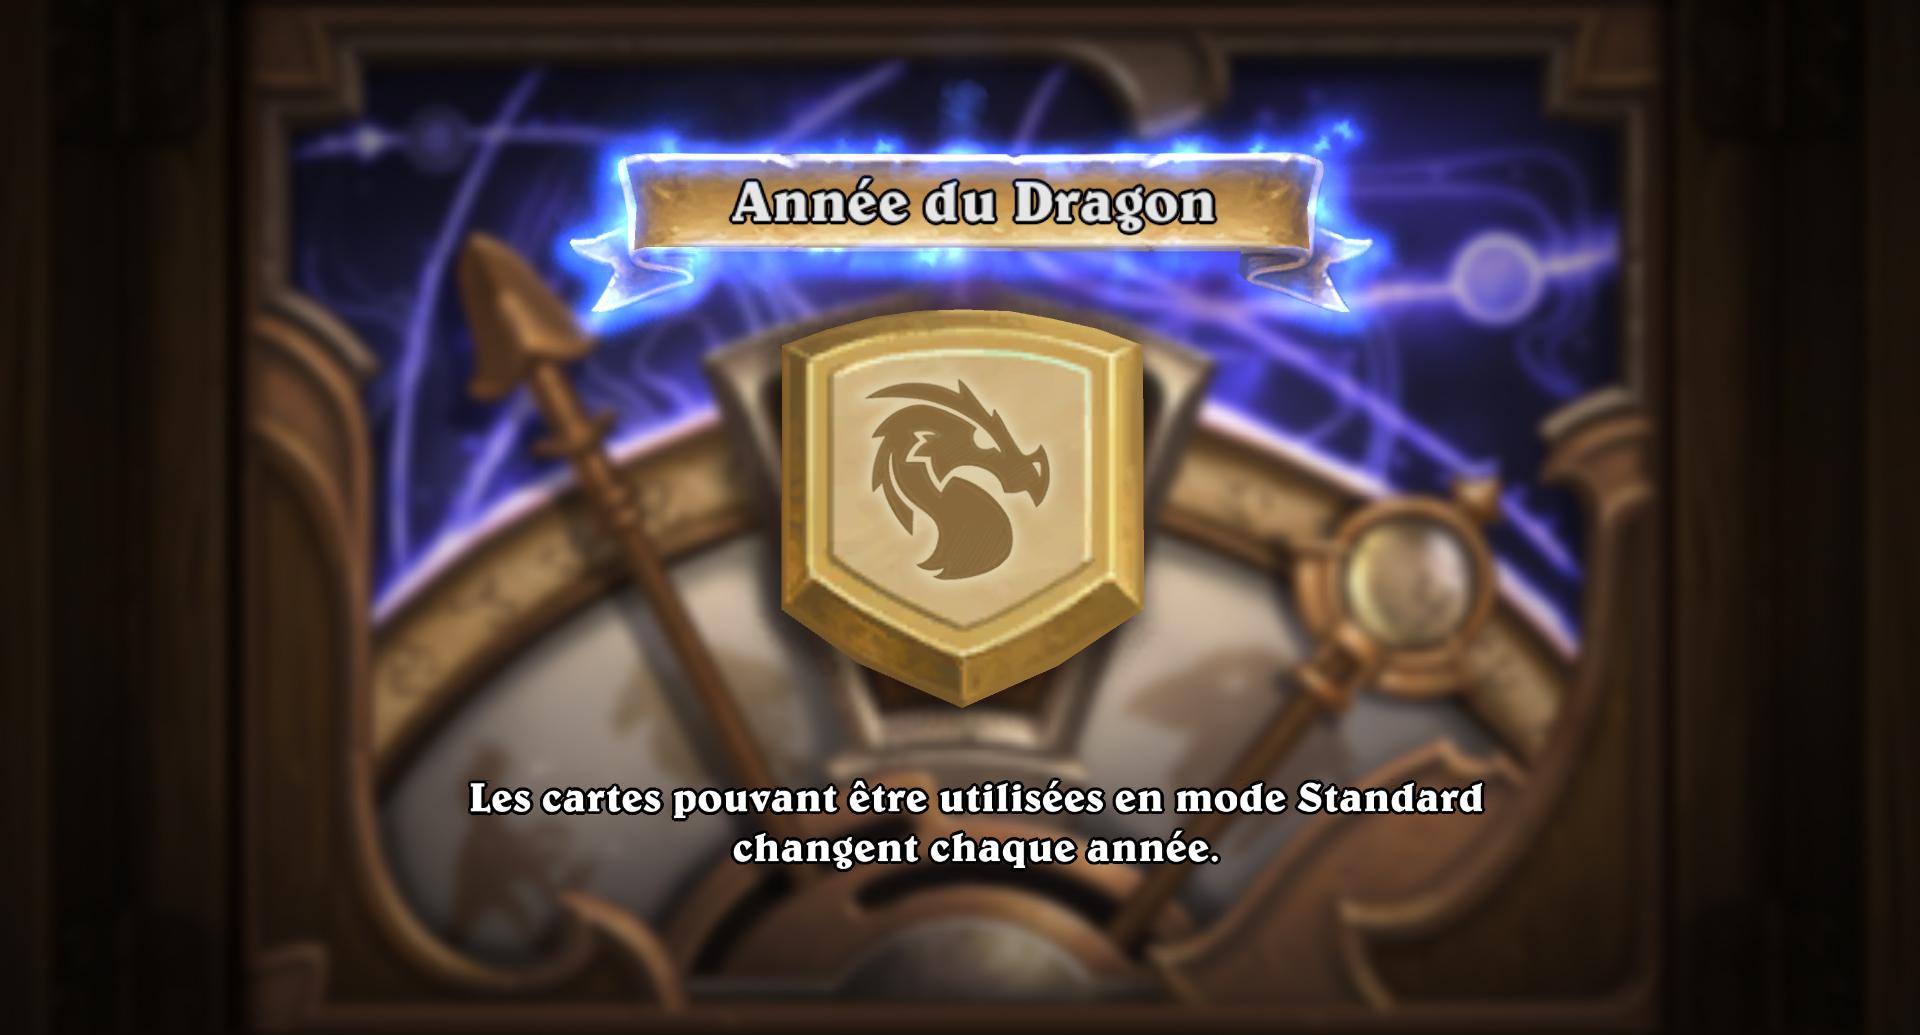 L'année du Dragon débute